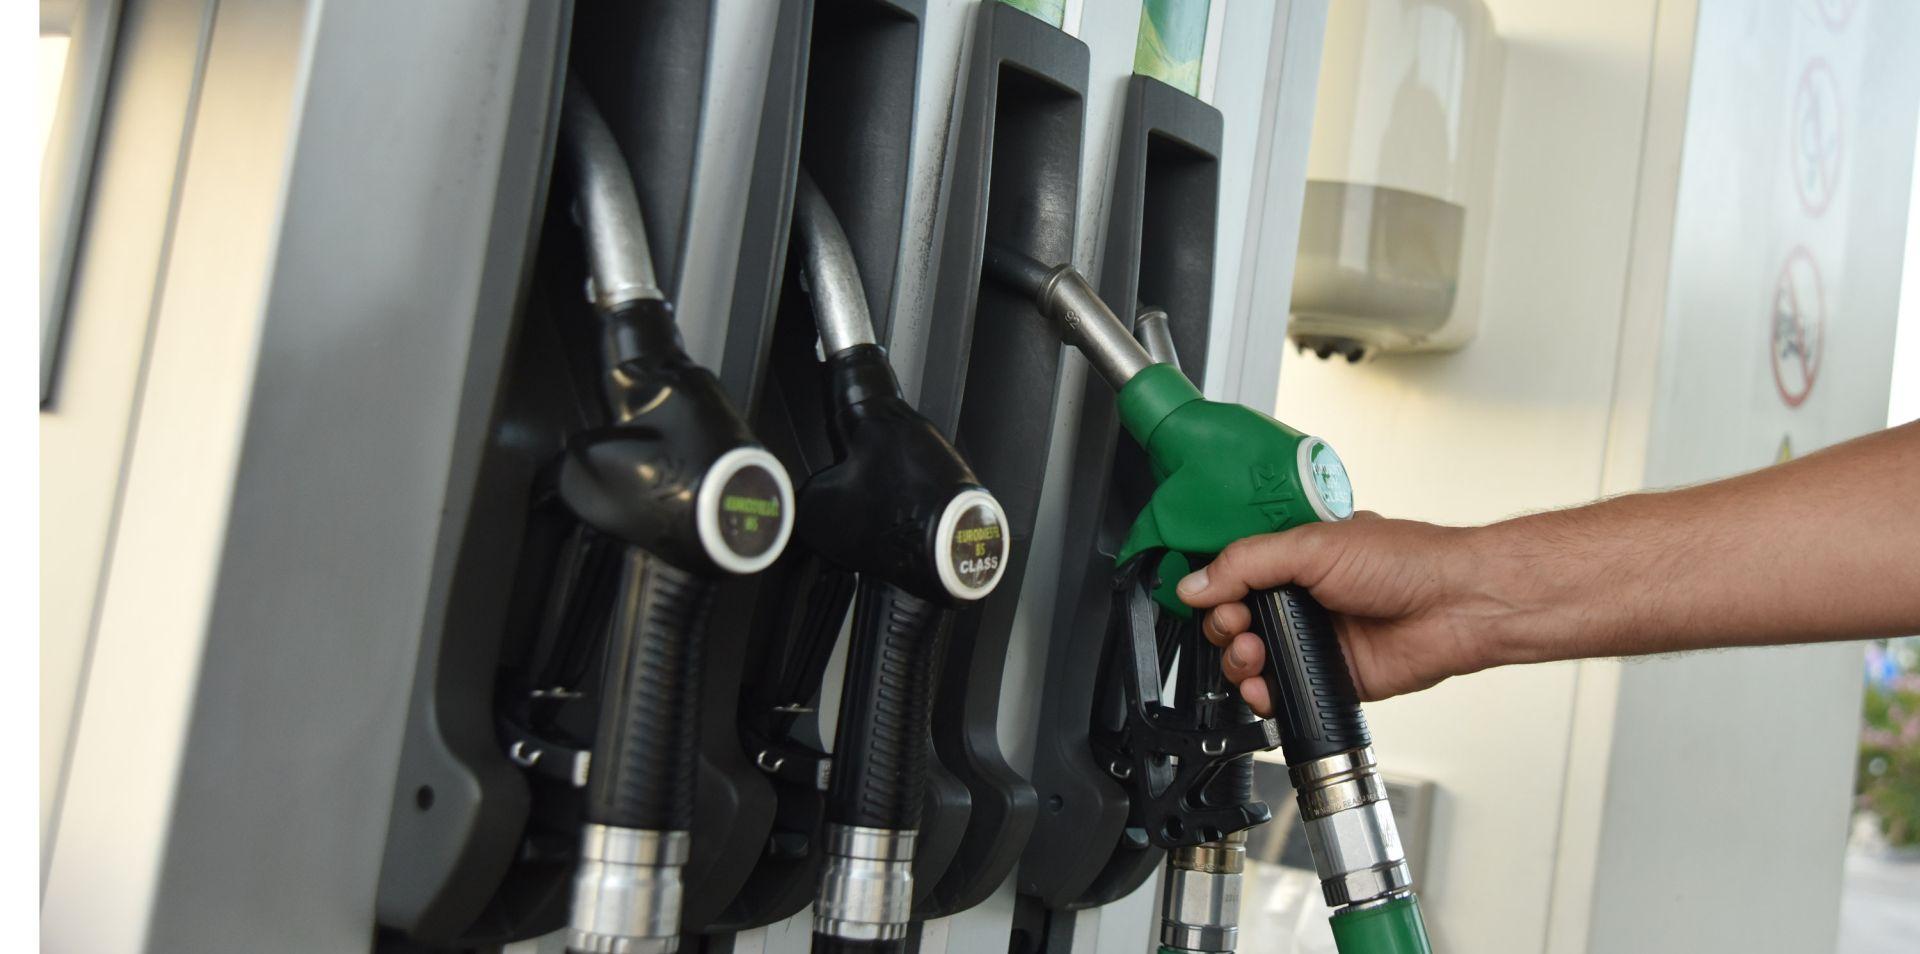 PORAST CIJENA NAFTE NA SVJETSKIM TRŽIŠTIMA Dogovor proizvođača podupro cijene nafte